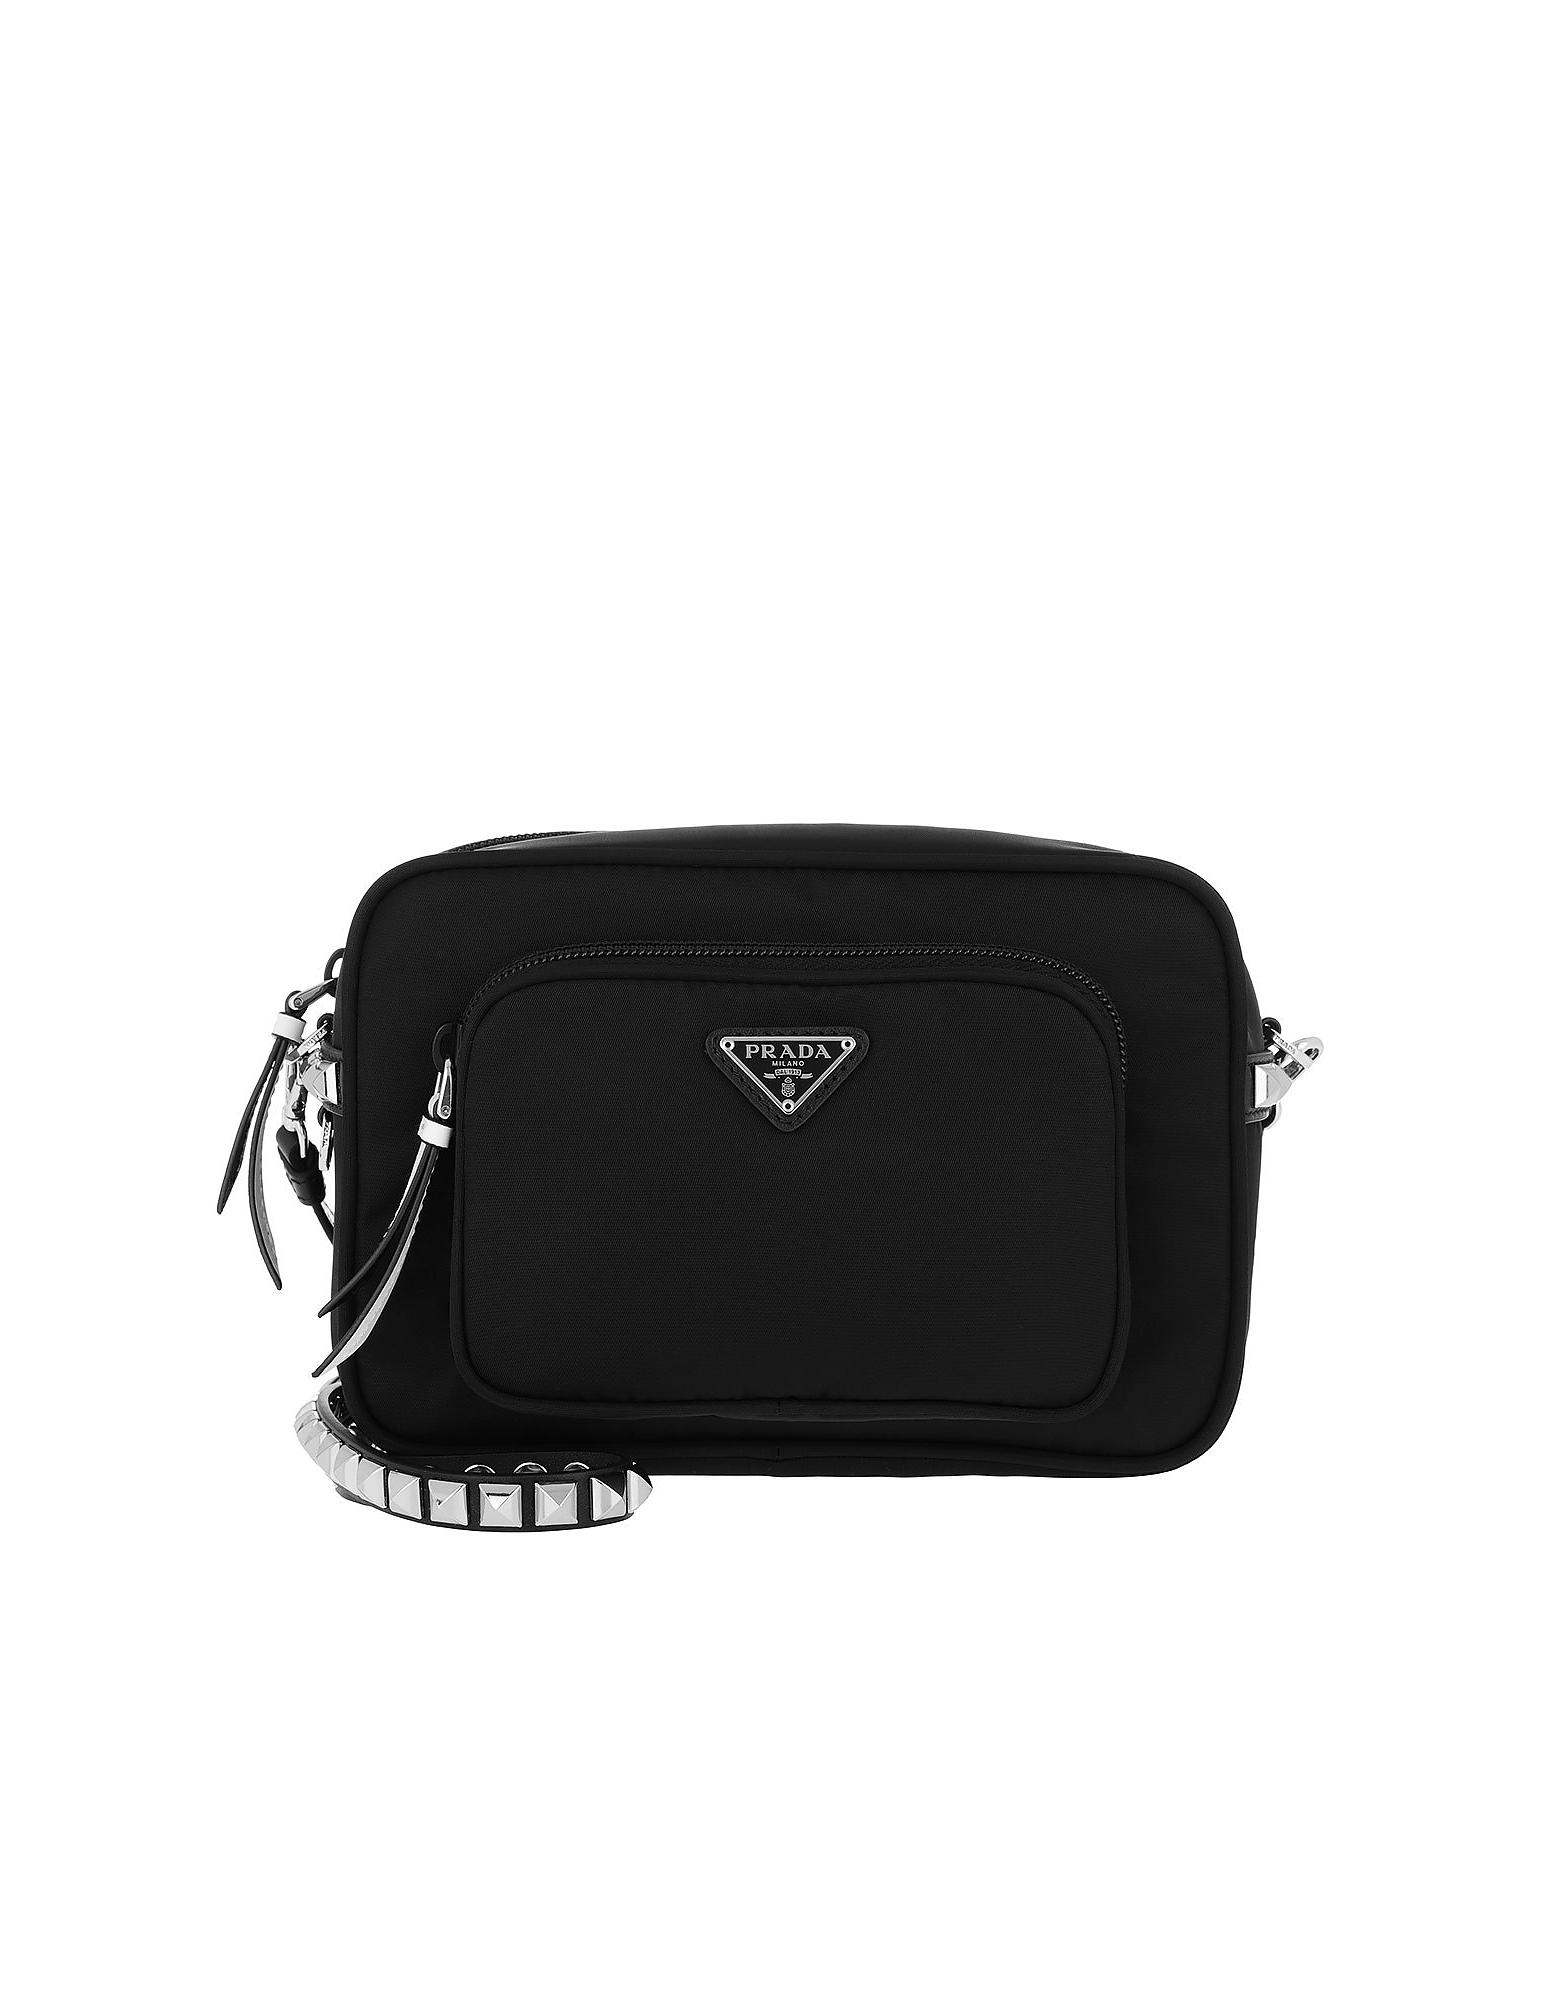 d5eba8e145cc Prada Designer Handbags, Crossbody Bag Nero/Bianco (Luggage & Bags) photo